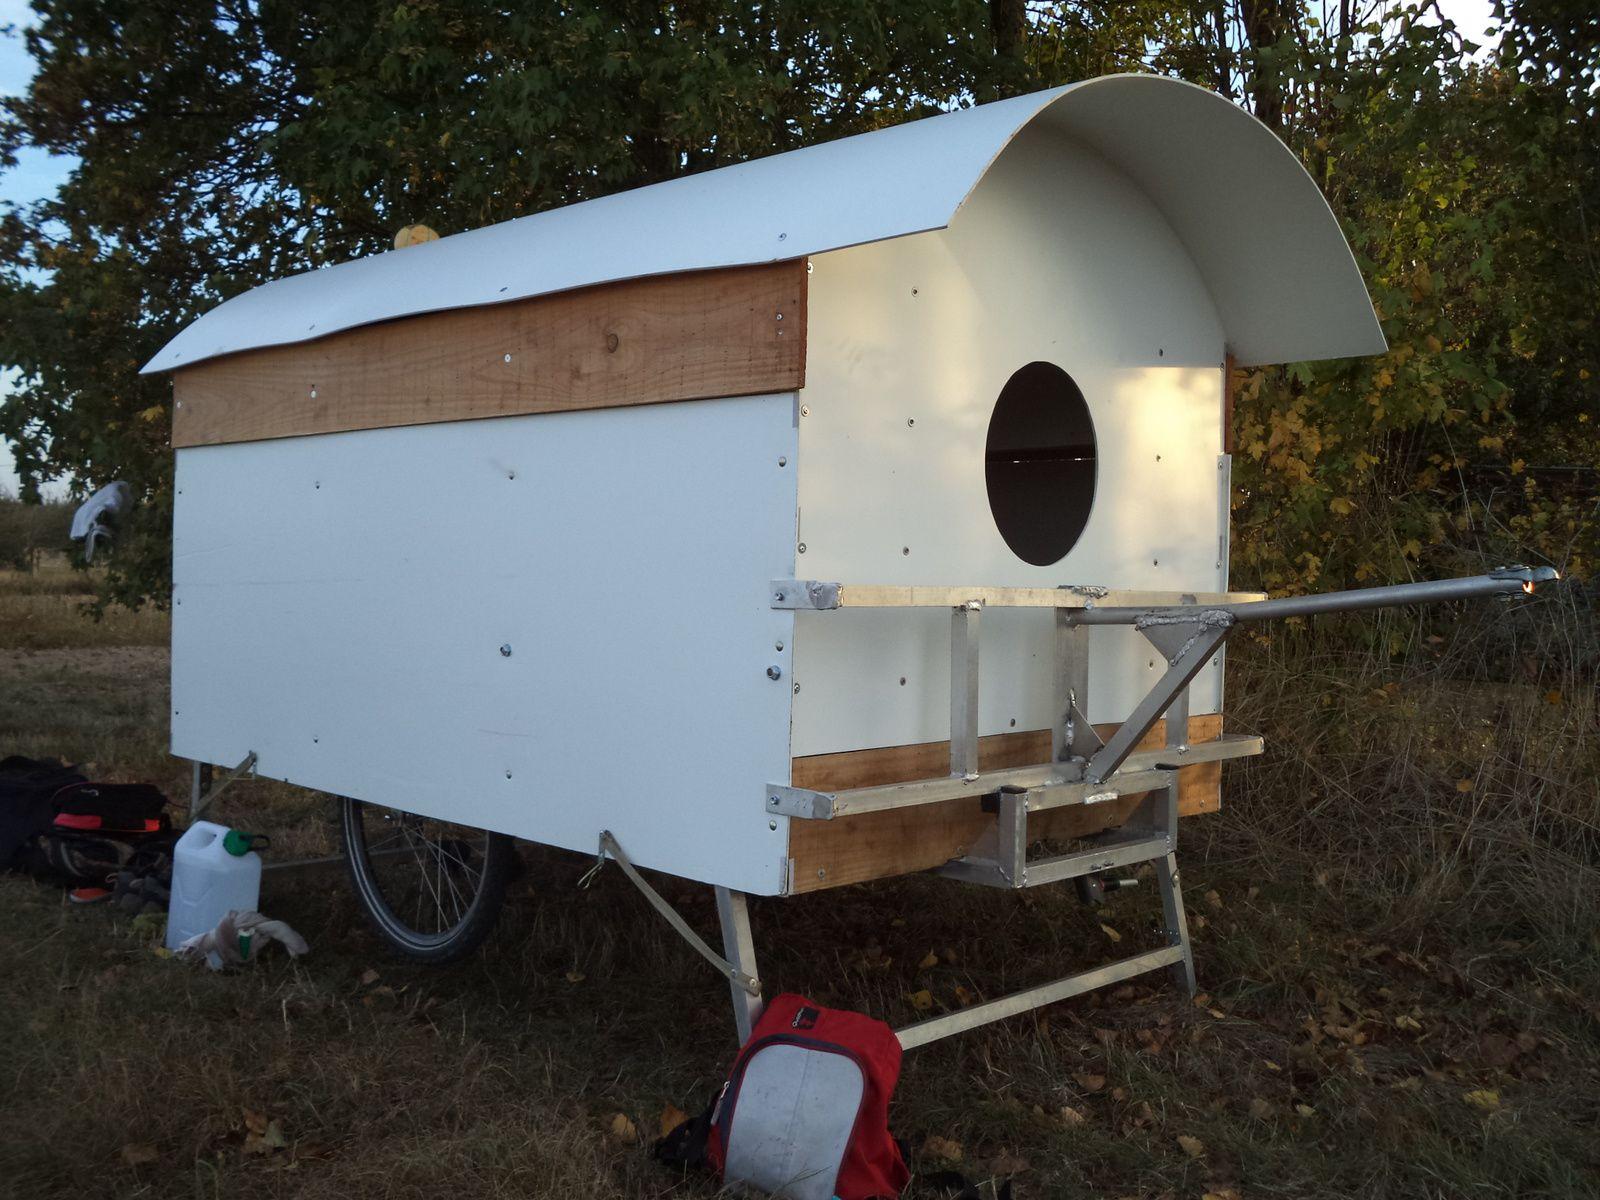 amnager sa caravane best charet with amnager sa caravane un rideau en macram pour habiller le. Black Bedroom Furniture Sets. Home Design Ideas